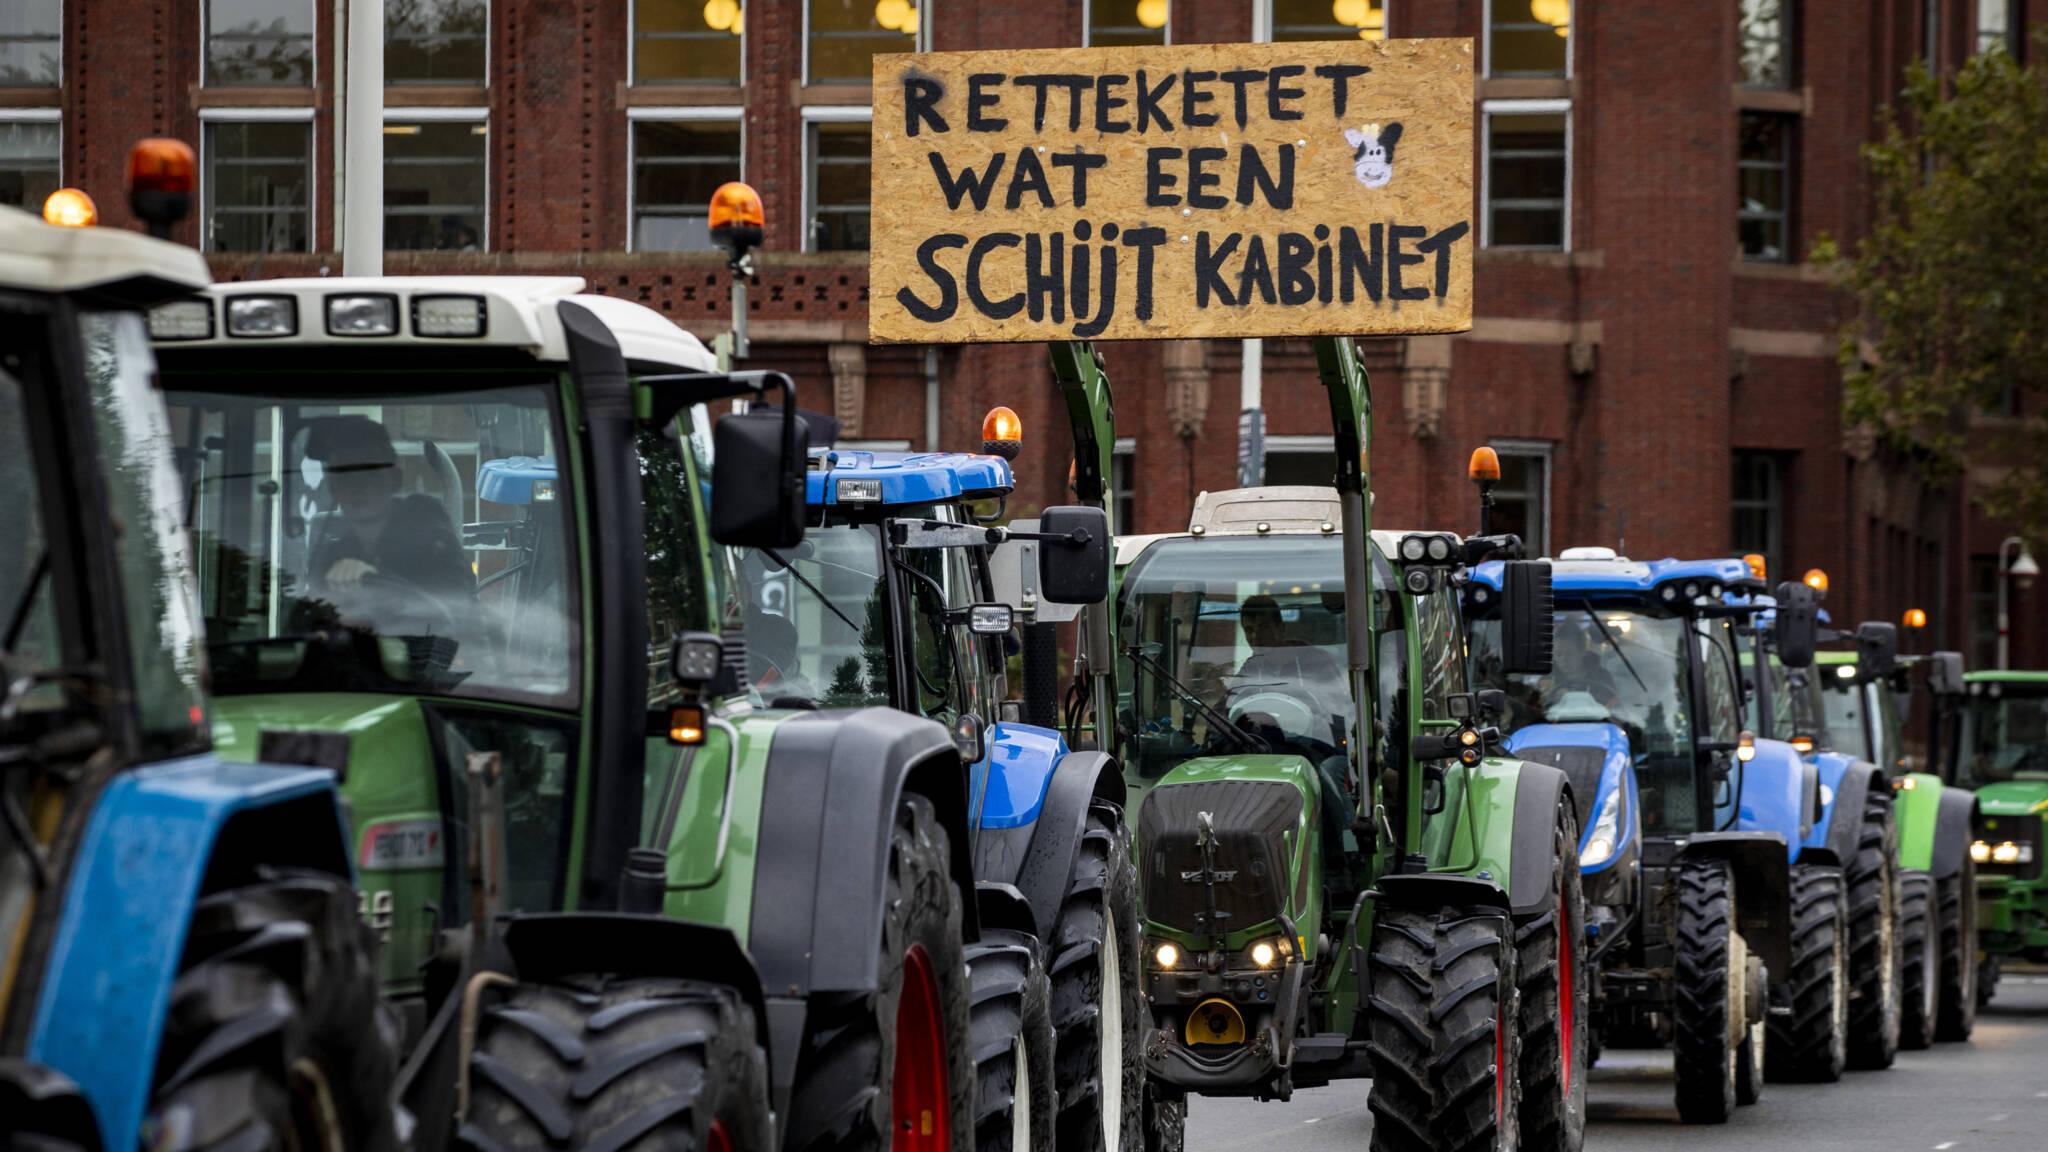 નાઈટ્રોજનની સમસ્યા બરાબર શું છે, ખેડુતો શા માટે ફરિયાદ કરે છે અને ગતિ કેમ ઘટાડે છે?